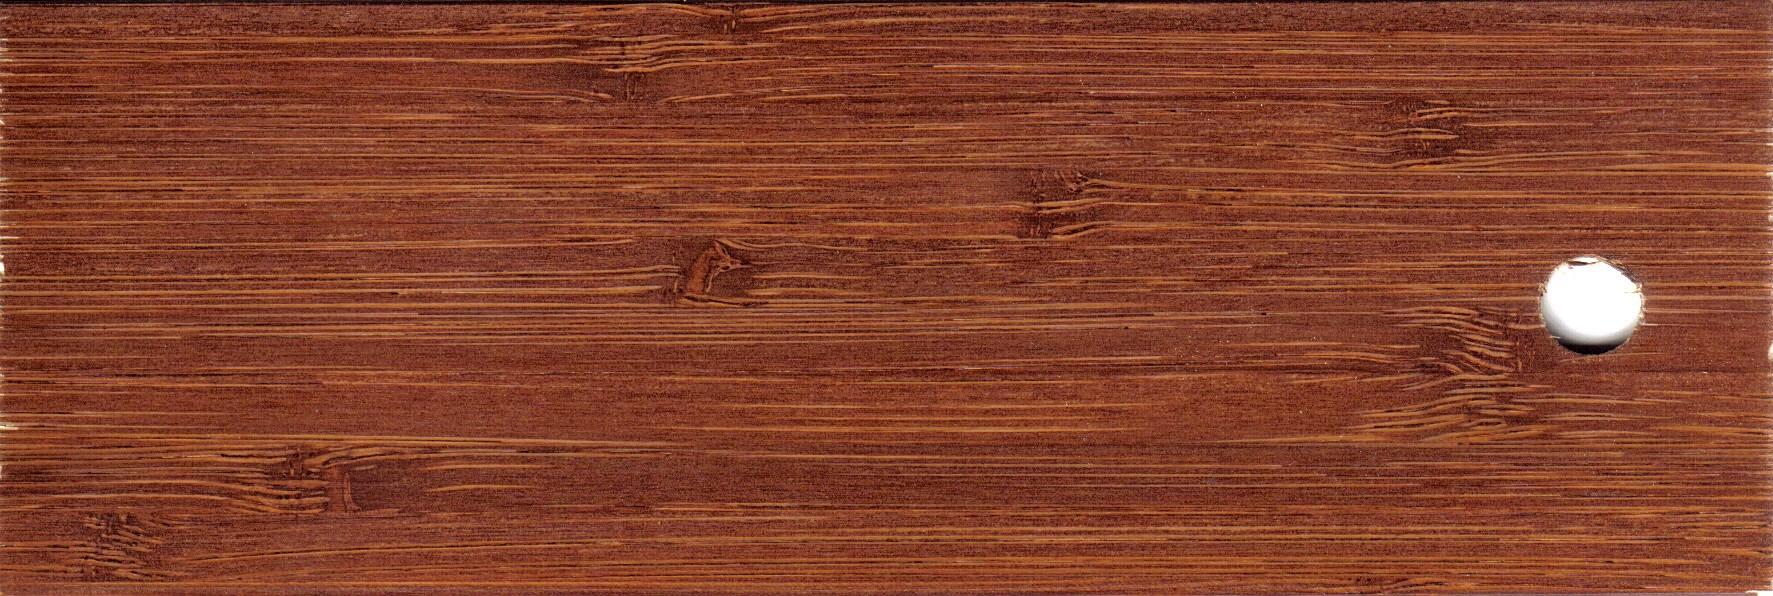 cynamon ŻALUZJE DREWNIANE (żaluzje bambusowe)